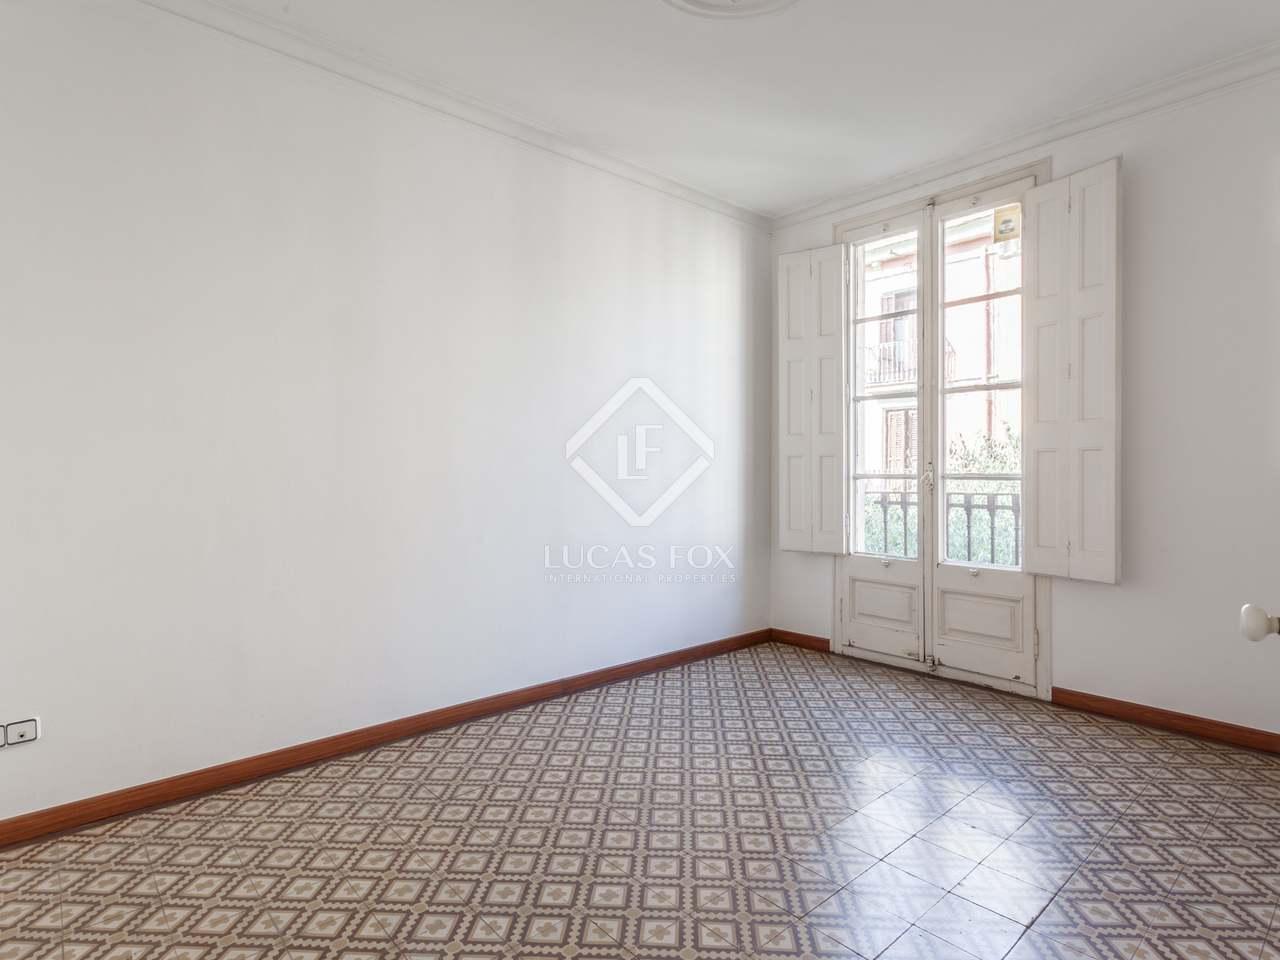 Appartement de 136m a vendre el raval barcelone for Appartement avec piscine barcelone